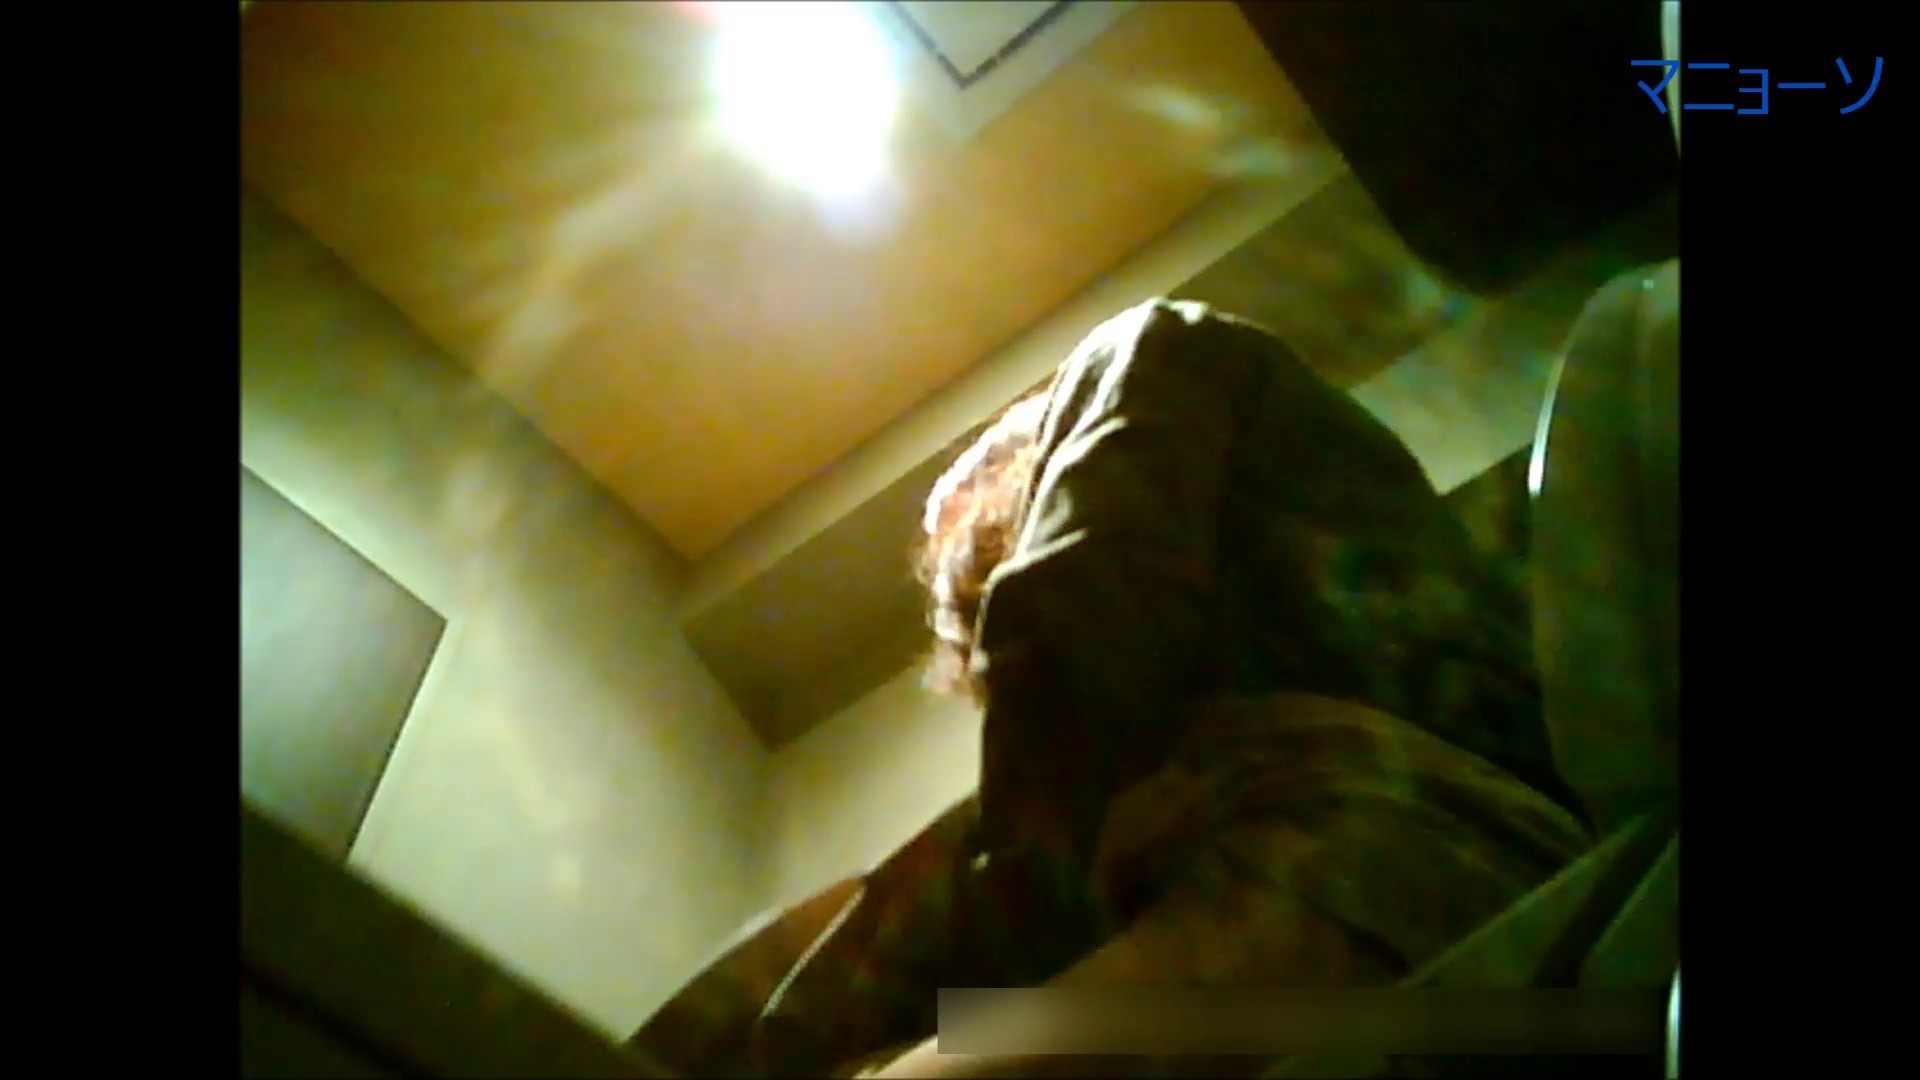 トイレでひと肌脱いでもらいました (JD編)Vol.01 トイレ  112PIX 72